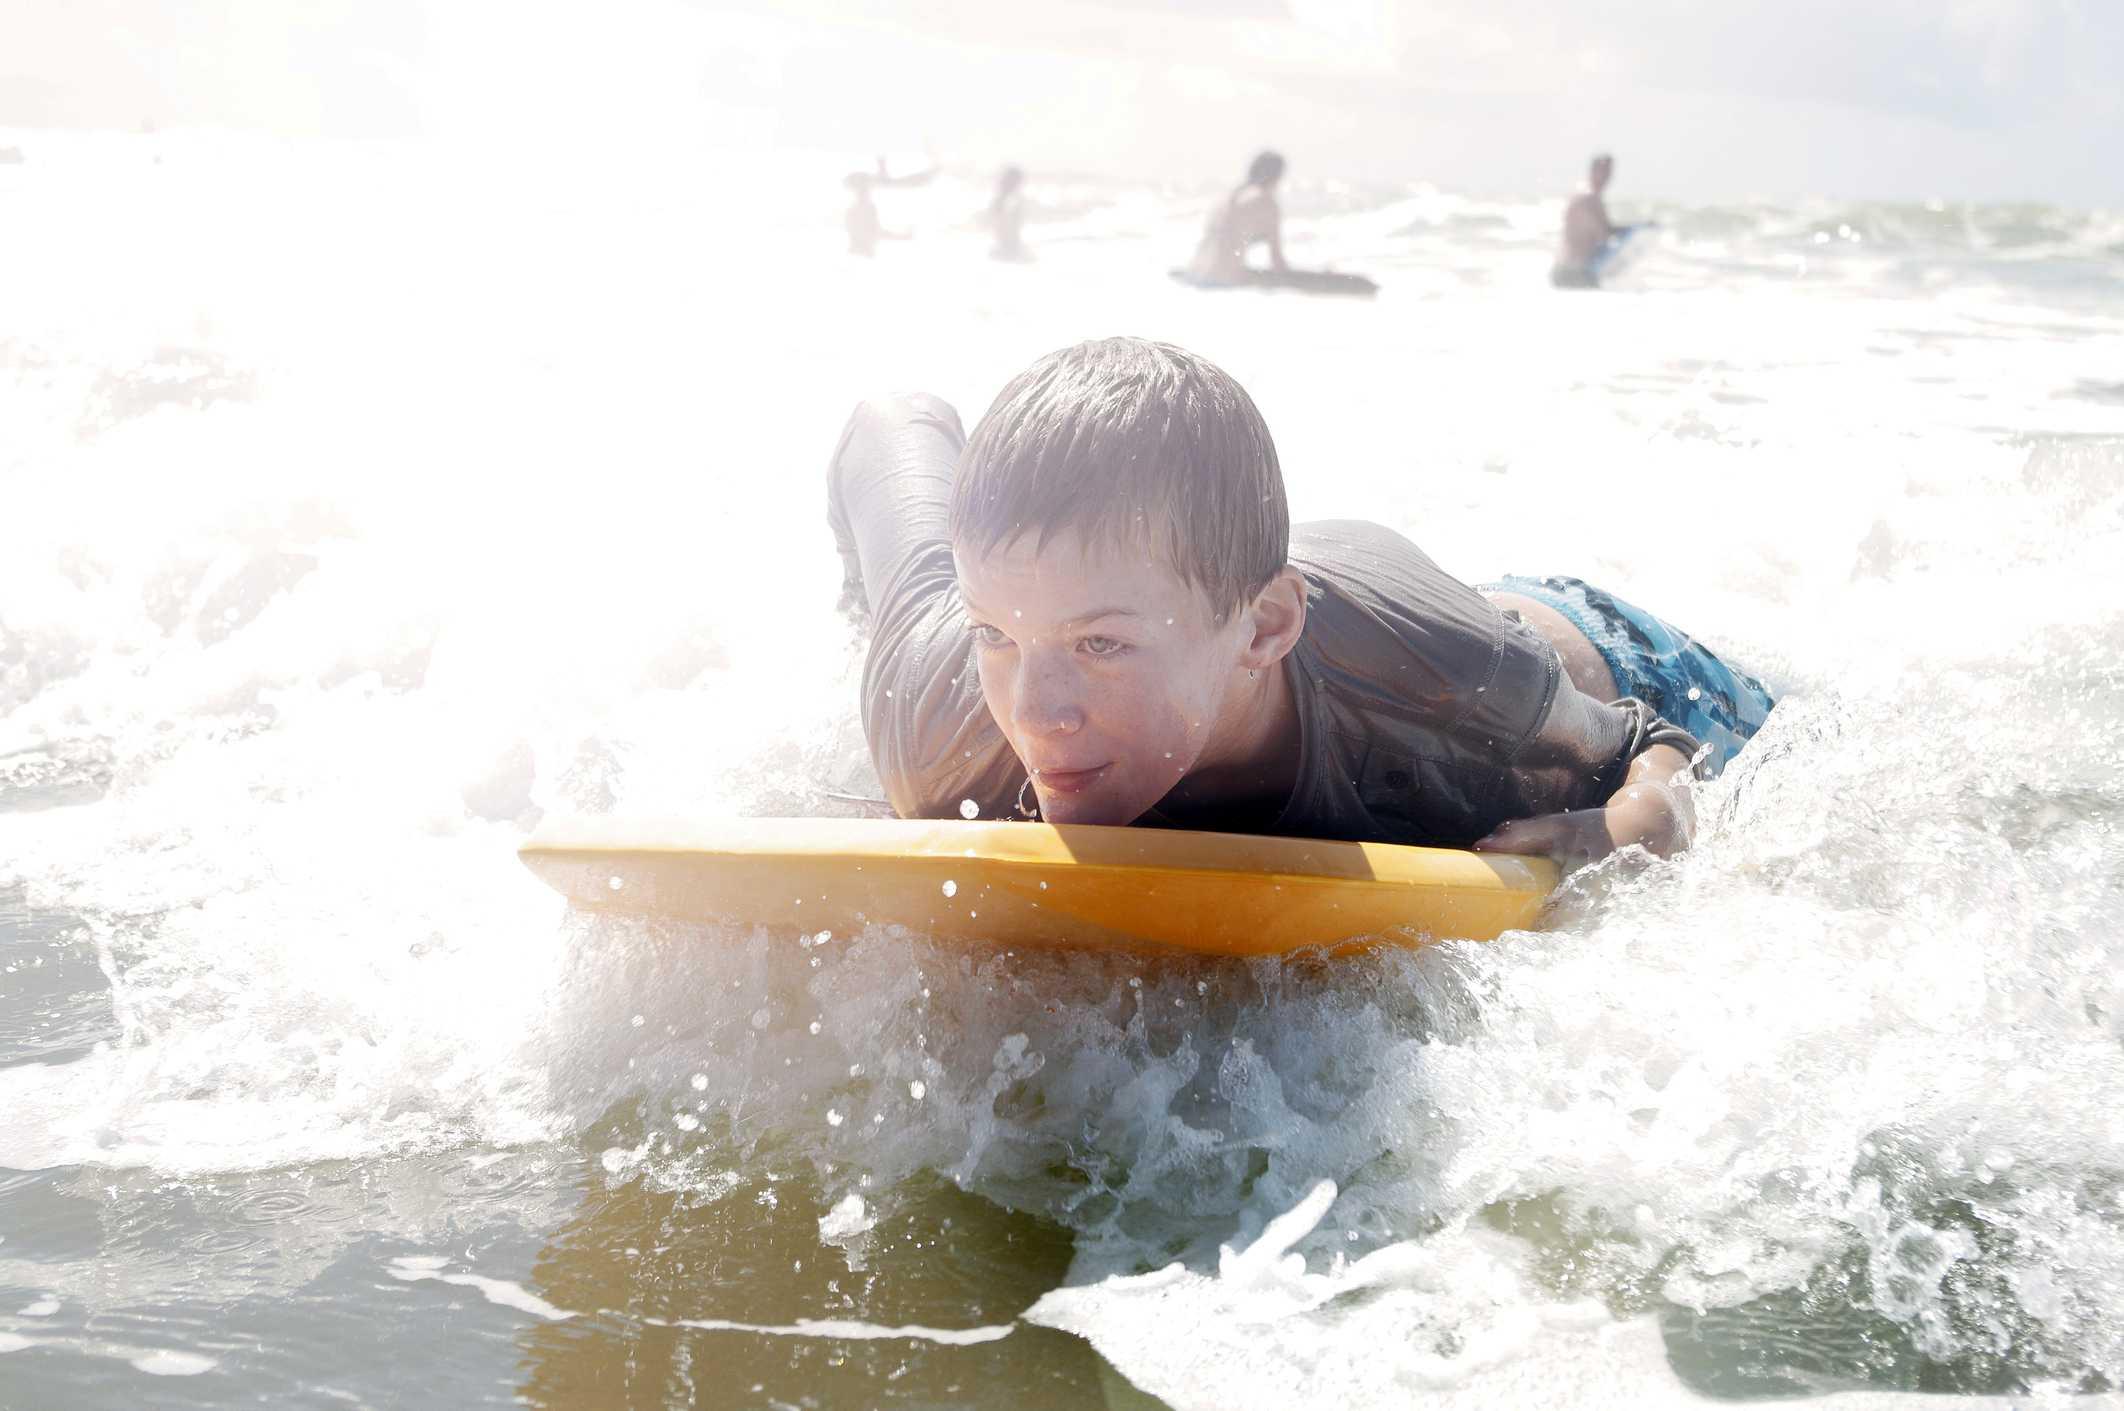 Body boarding in the ocean